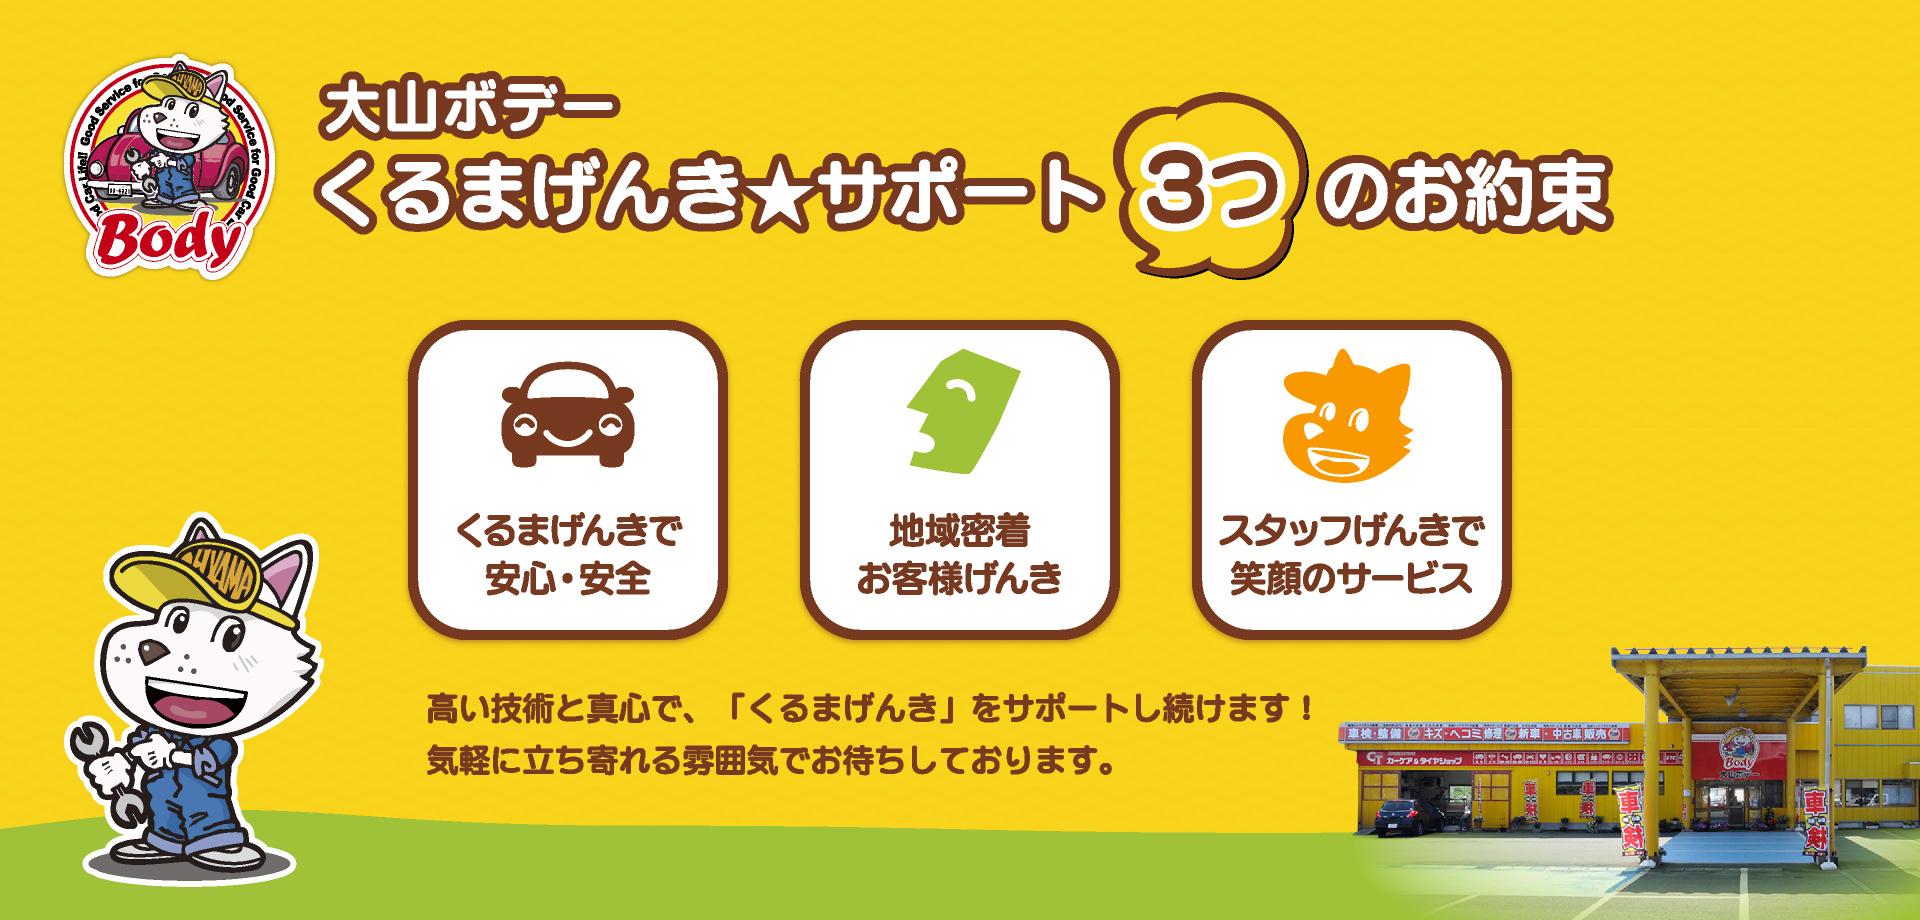 山形県鶴岡市 くるまげんき★サポーターby「大山ボデー」